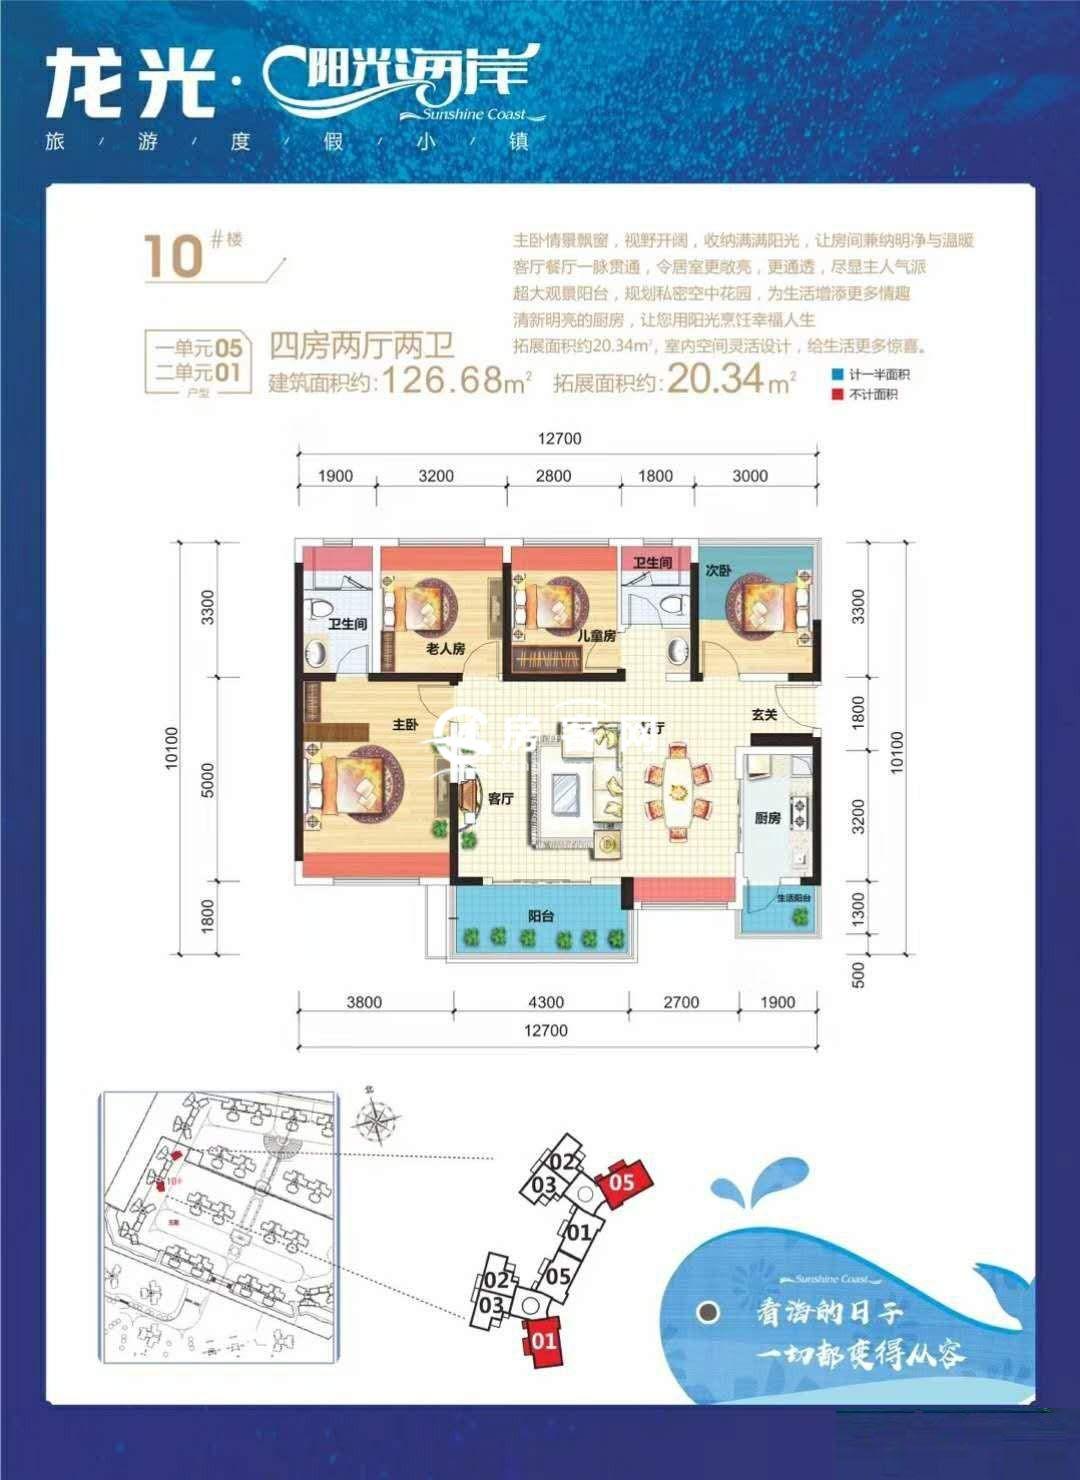 10# 4室2厅2卫 建面126.68㎡